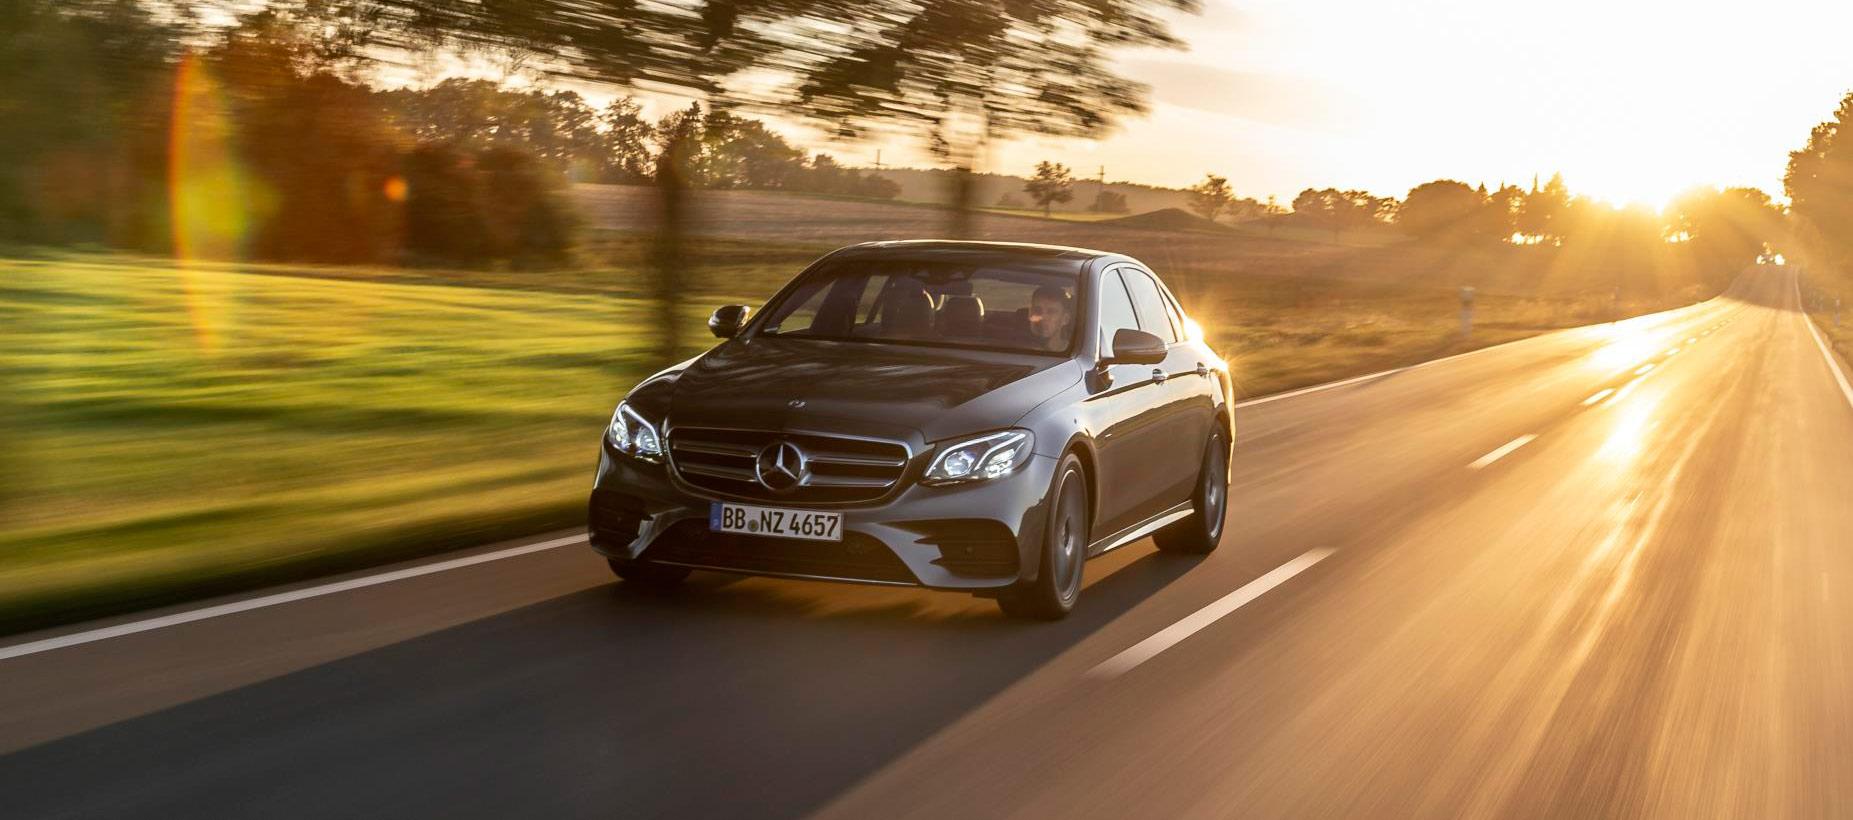 Mercedes-Benz y Endesa instalan puntos de recarga en los hogares